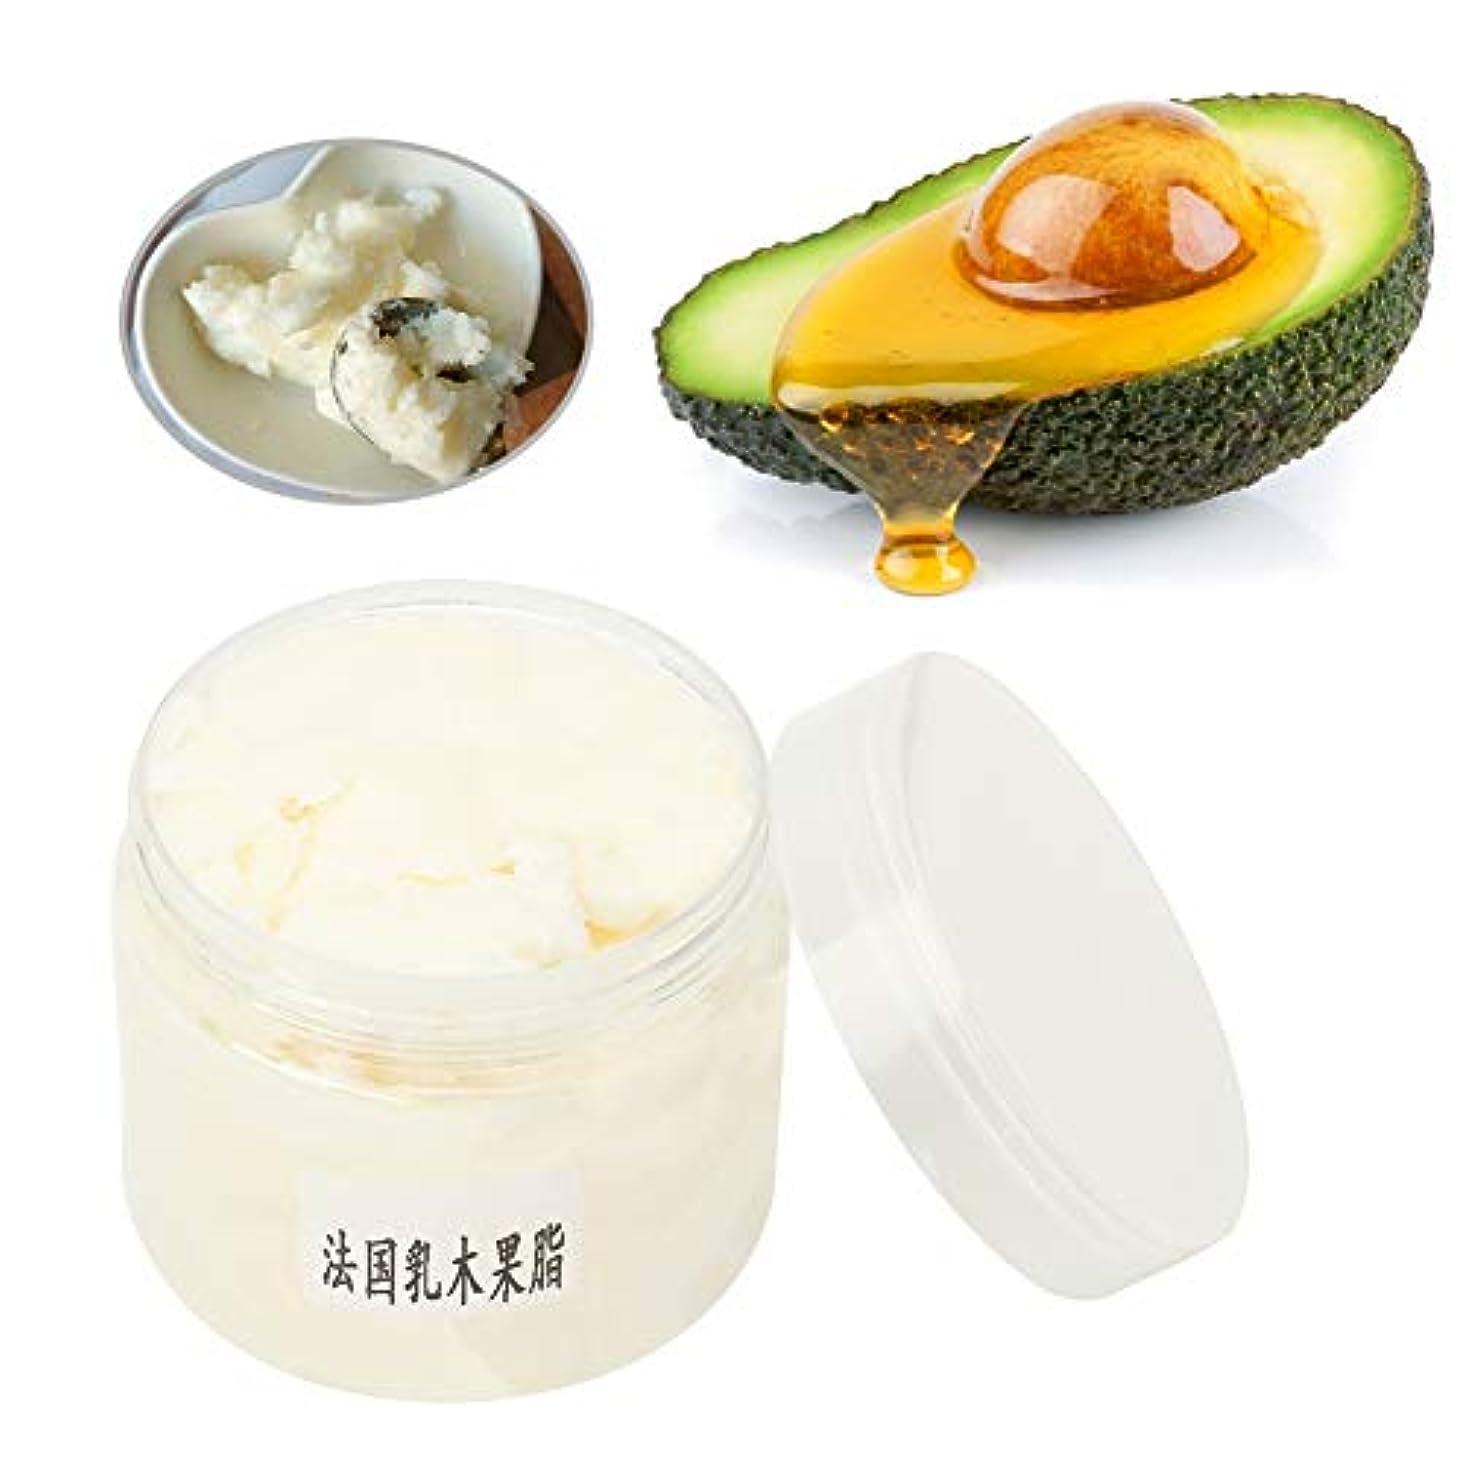 ランデブー高度な中間シアバター 精製 オーガニック 100g 手作り化粧品原料